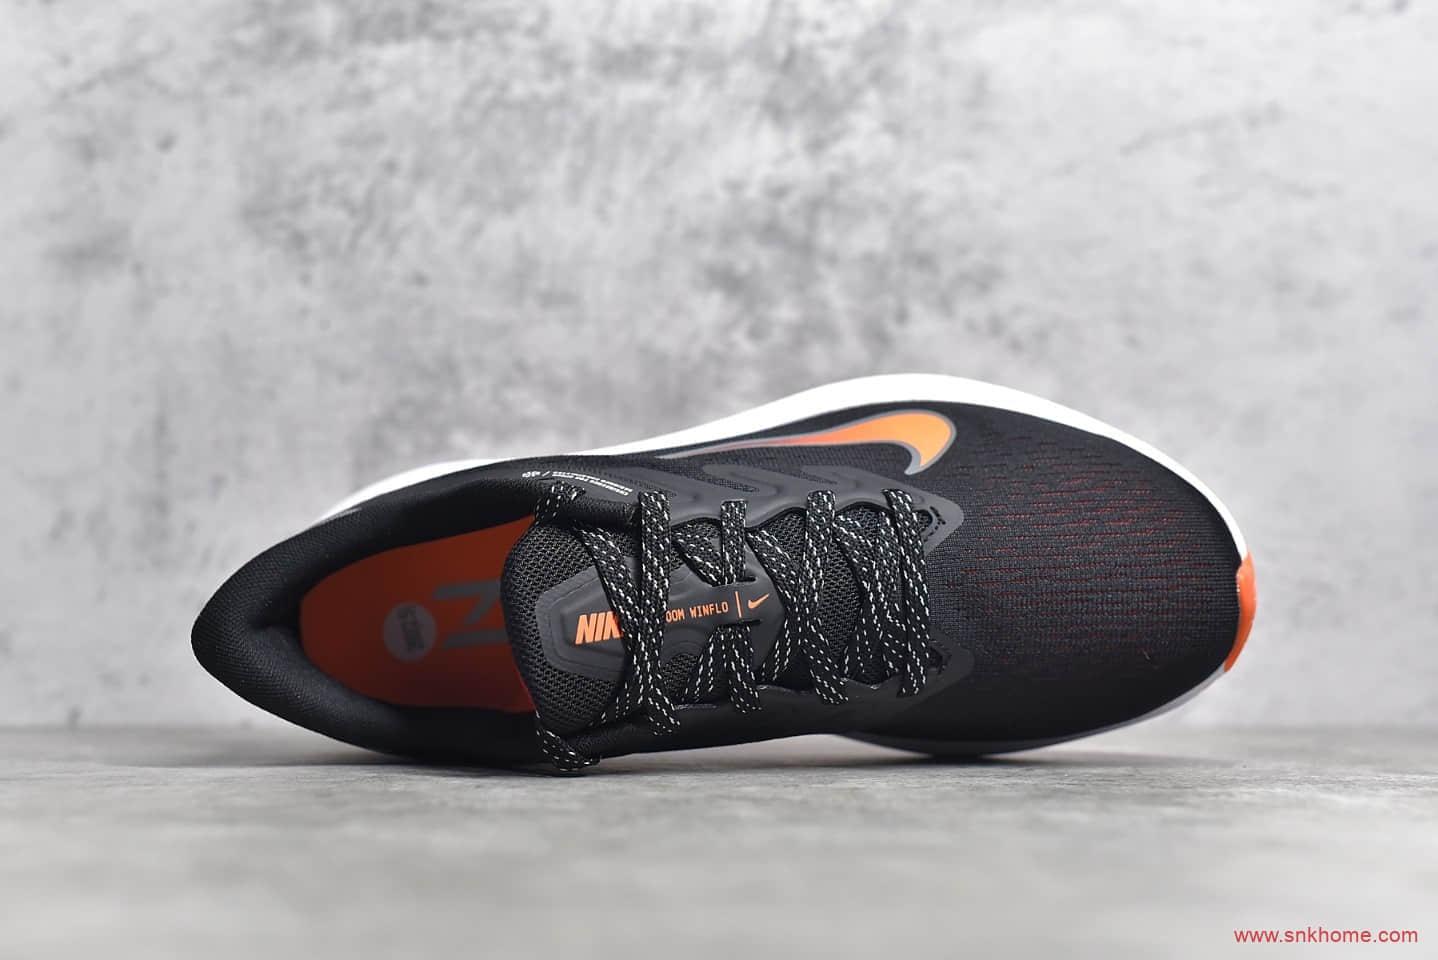 耐克登月7代黑橙色跑鞋 NIKE Air Zoom Winflo 7 登月7代网面透气 耐克登月工厂 货号:CJ0291-011-潮流者之家